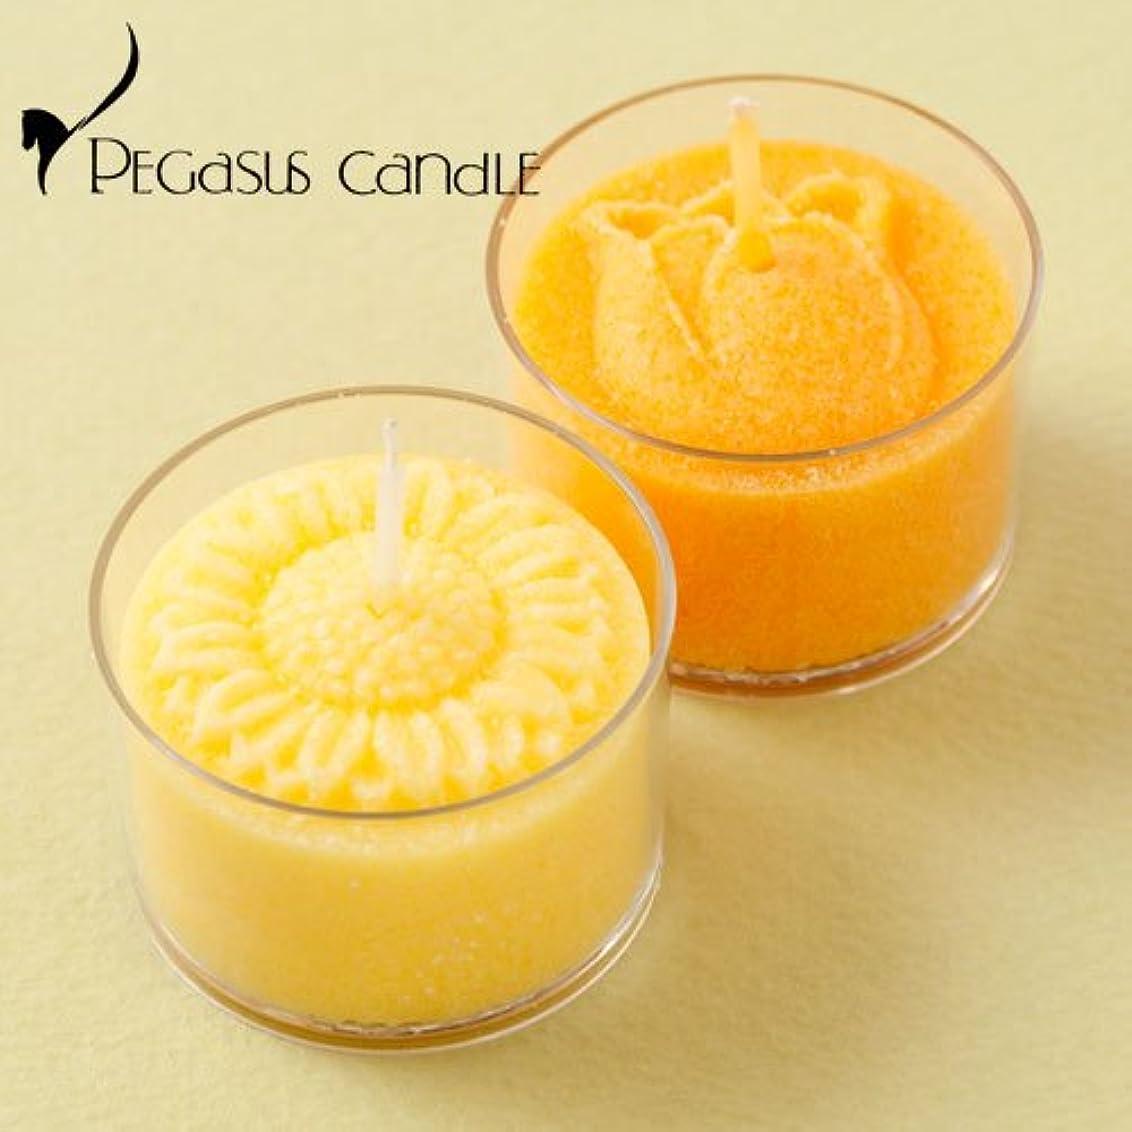 大臣キャロラインすでに花暦ヒマワリ?チューリップ花の形のキャンドル2個セット(無香タイプ)ペガサスキャンドルFlower shaped candle